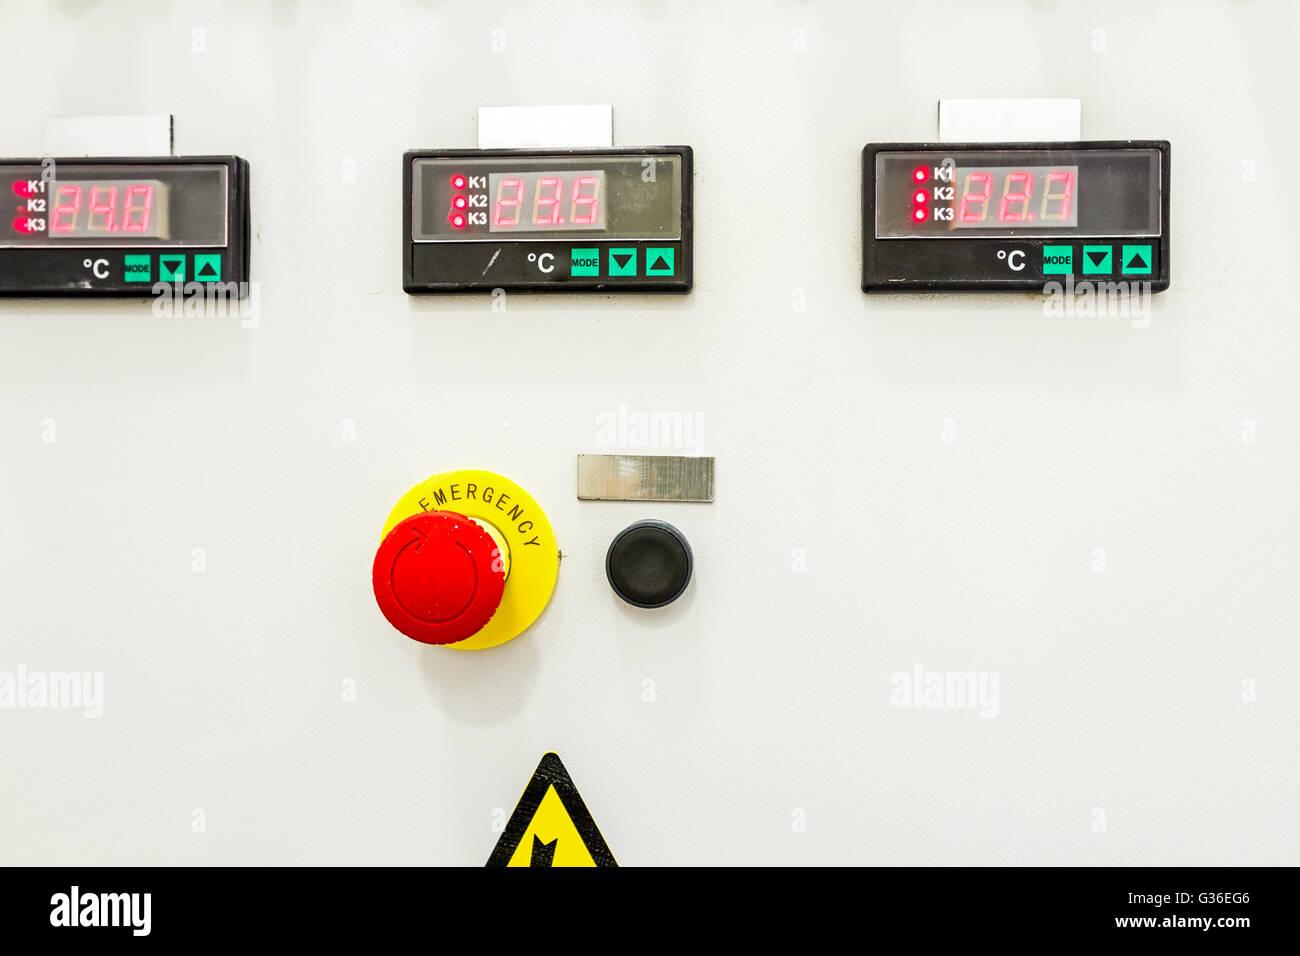 Elektrische Steuerung mit Panel verfügt über eine digitale Temperaturanzeige mit Warnaufkleber und eine Stockbild